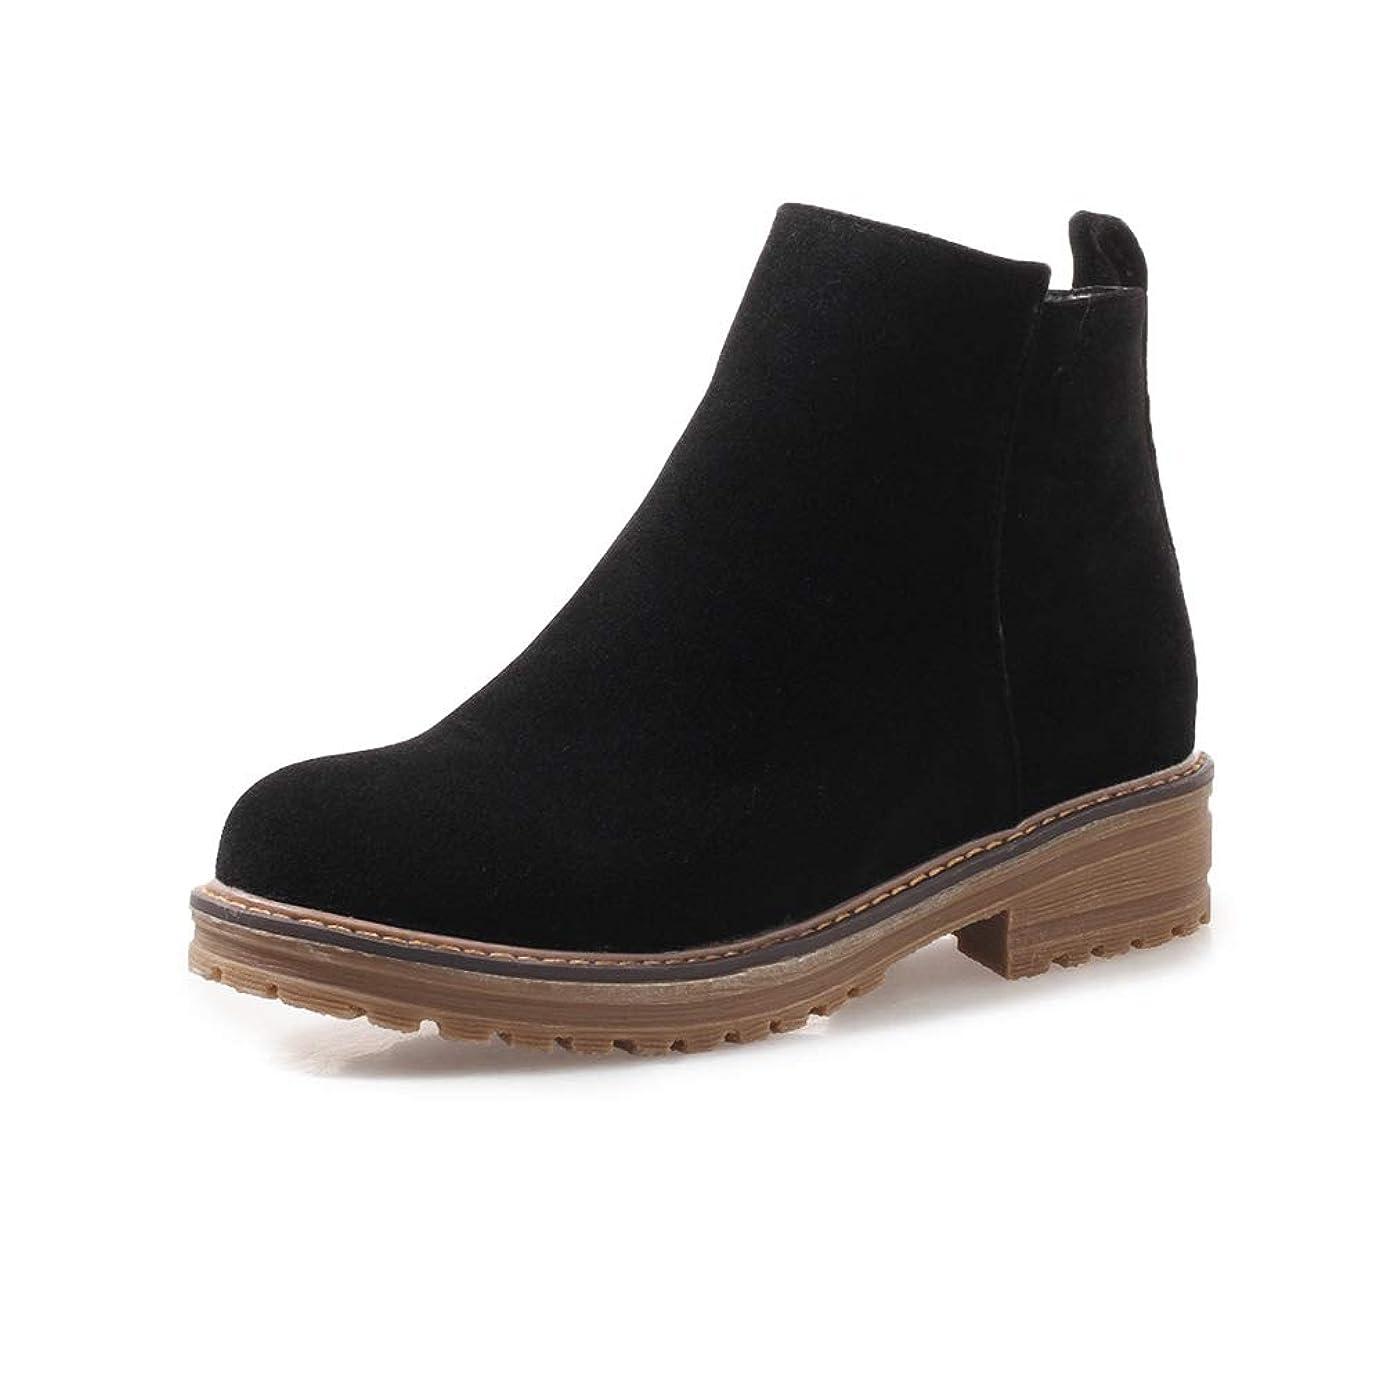 資料アルミニウム受取人[ノーブランド品] [QIFENGDIANZ]レディースブーツ アンクルブーツ 大きいサイズ 歩きやすい 秋冬靴 防寒 防滑 つま先丸い 厚底 ヒール ショートブーツ 美脚 かわいい 通学 通勤 アウトドア